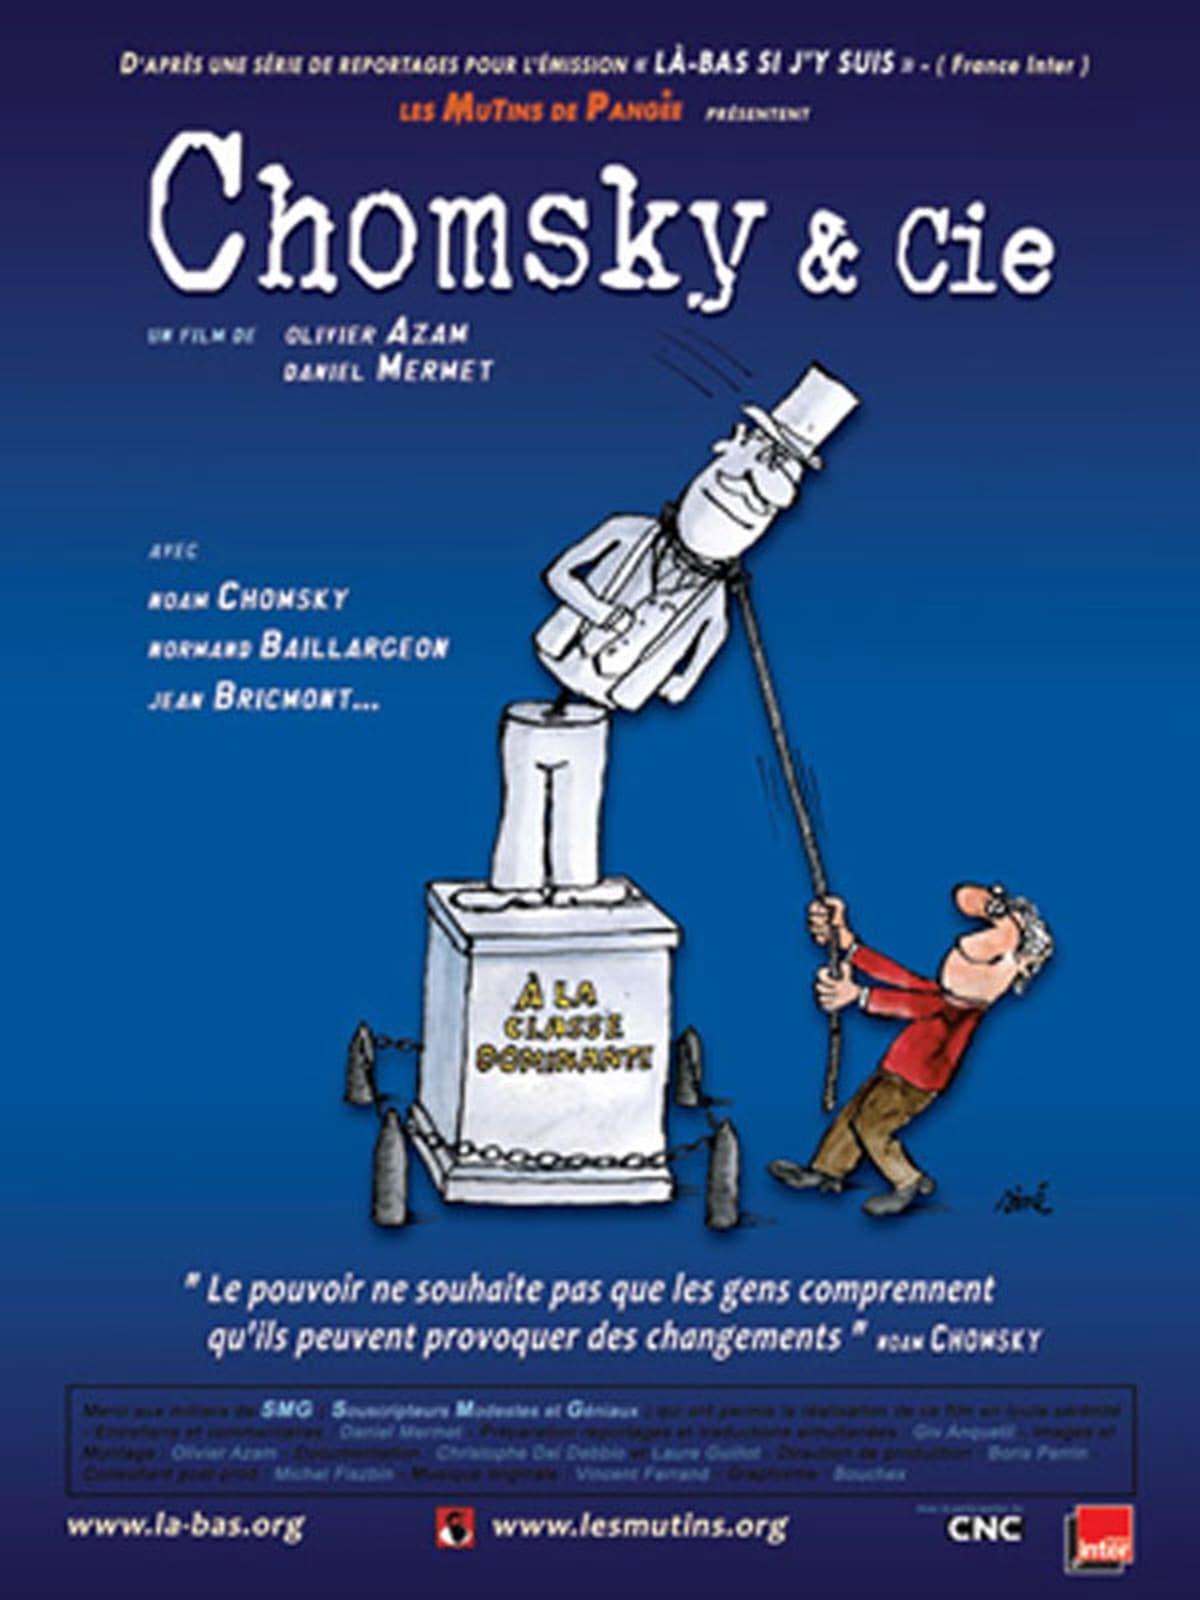 Chomsky & Cie